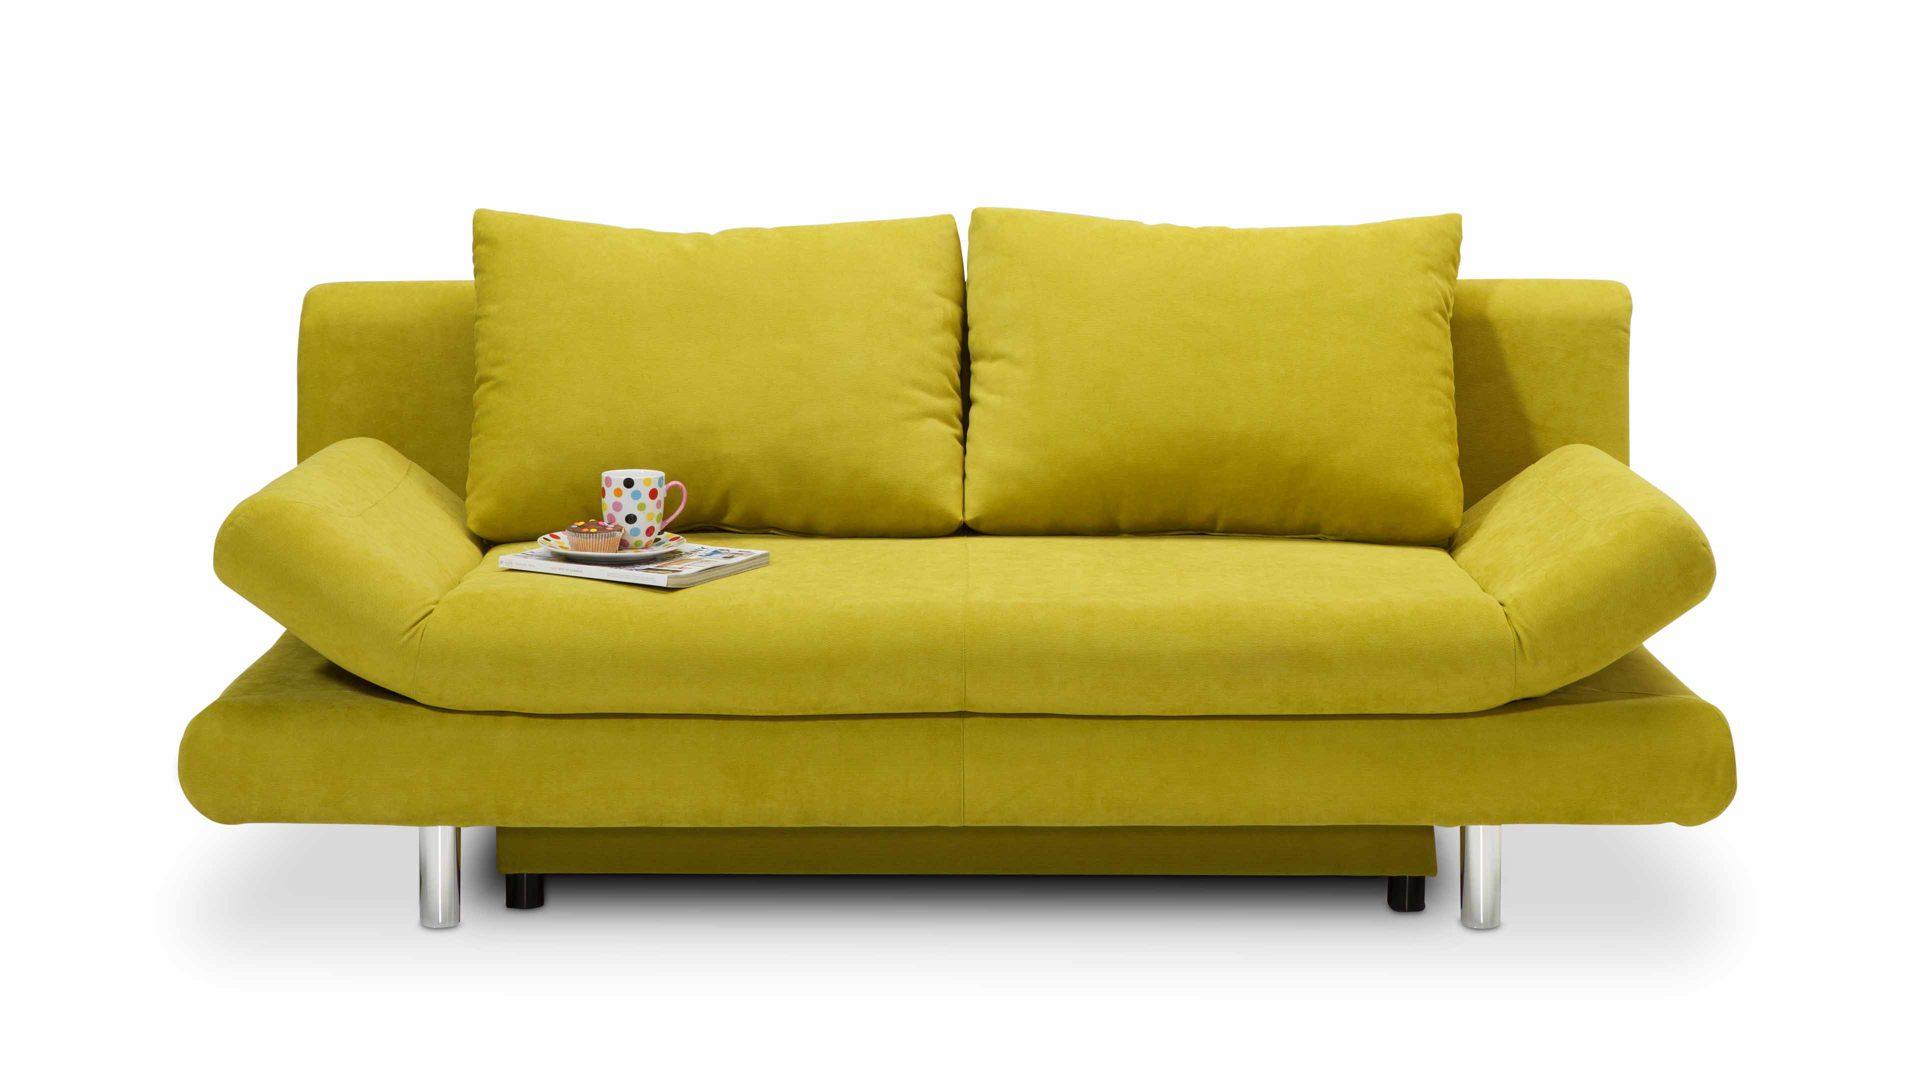 Bett Sofa einrichtungspartner ring markenshops alle kategorien